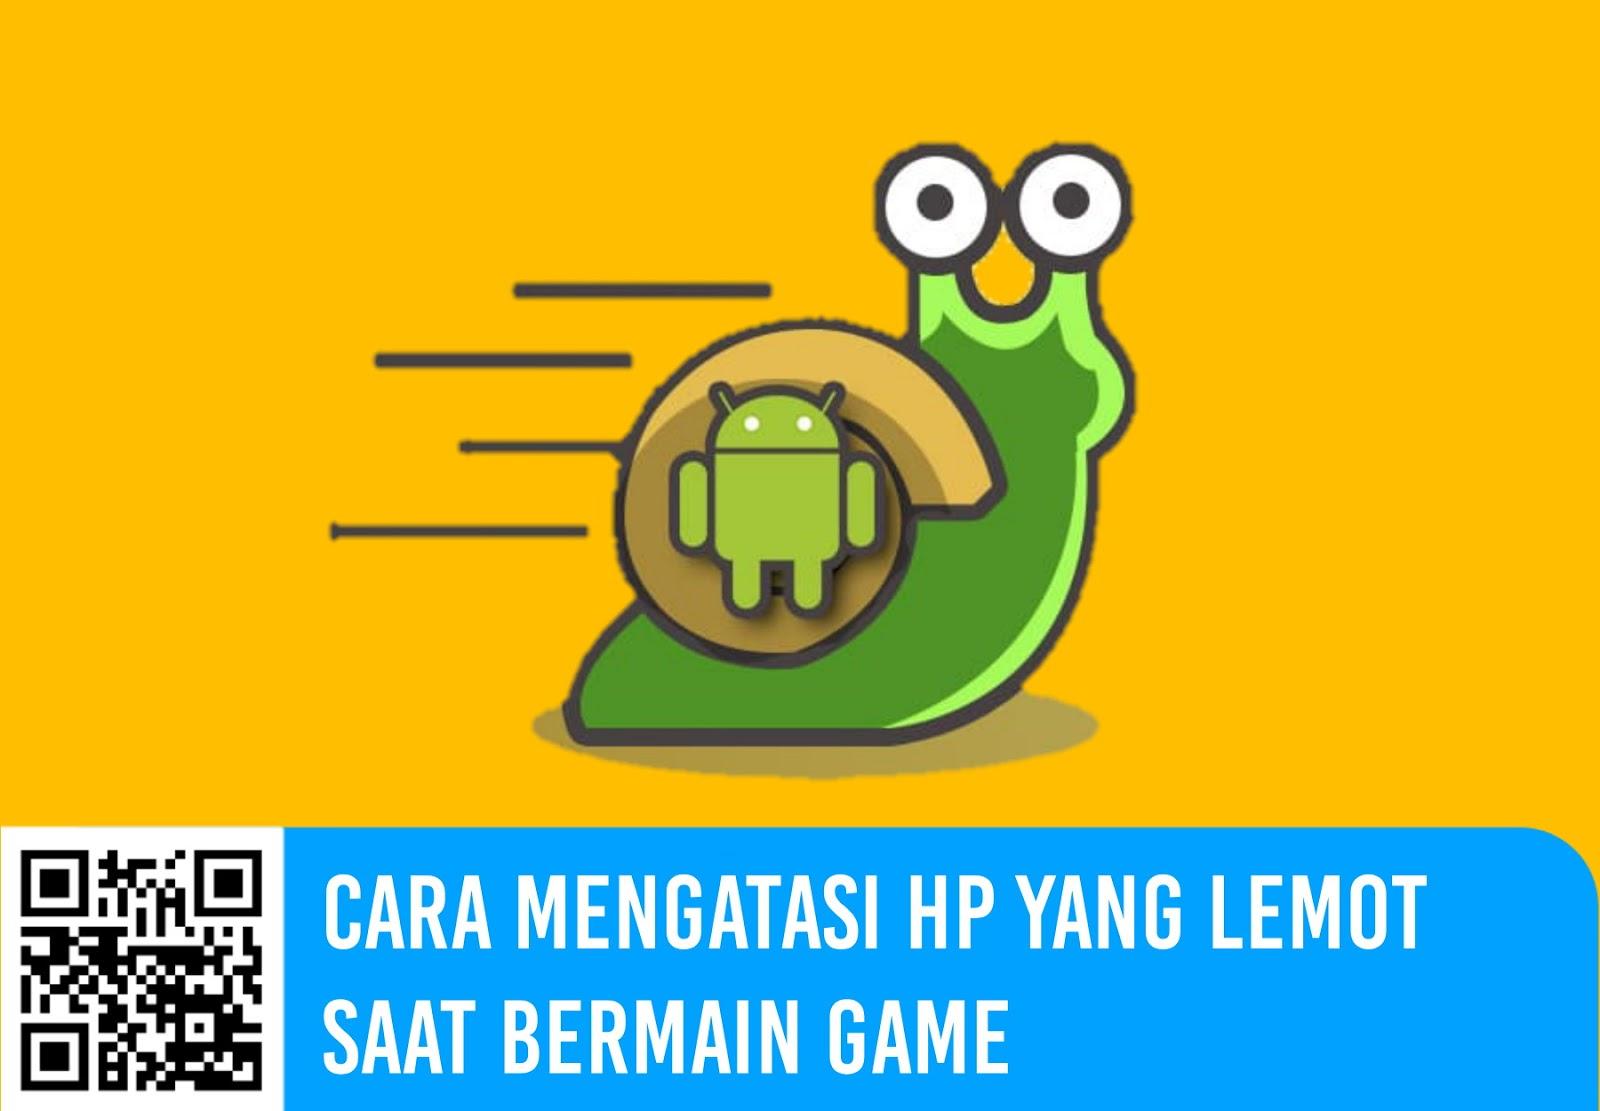 Cara Mengatasi HP yang Lemot saat Bermain Game